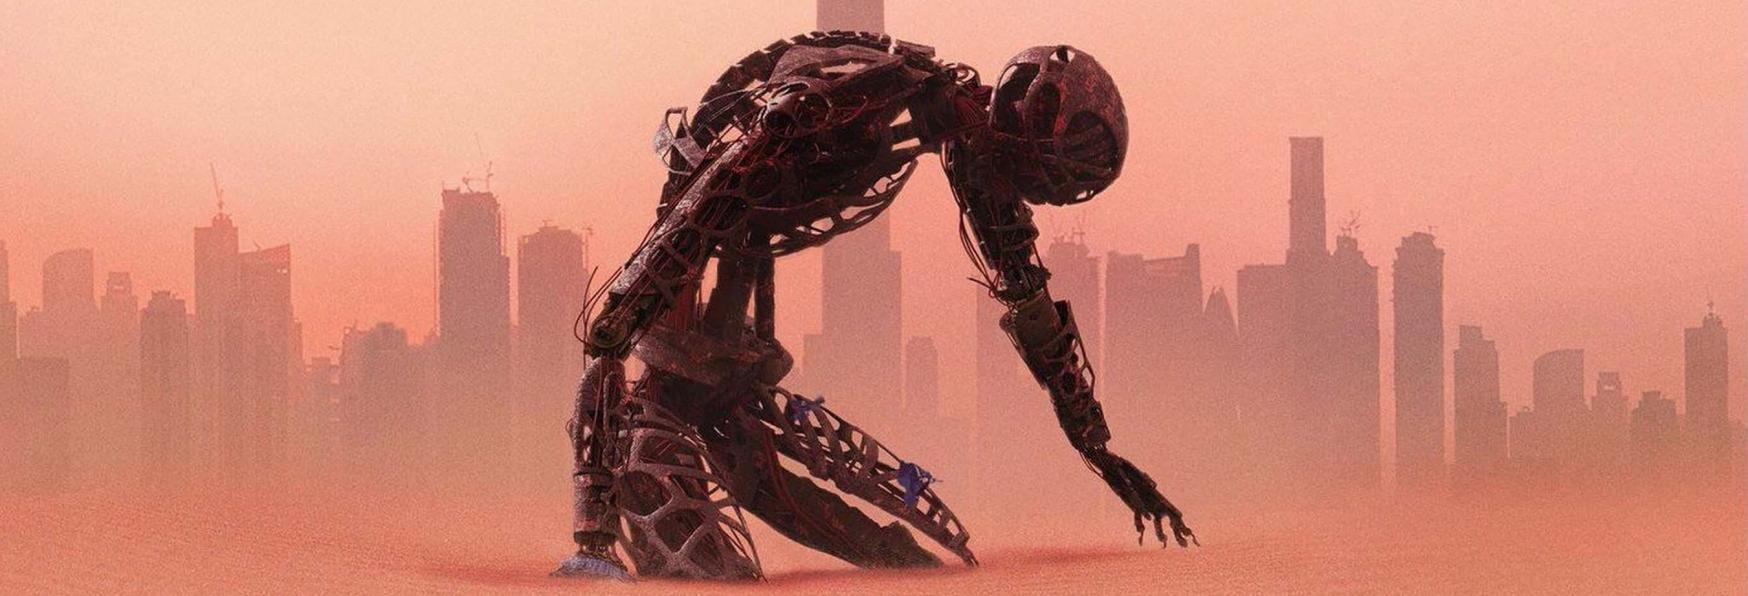 Westworld 3: Scoperto un Trailer Segreto della nuova Stagione